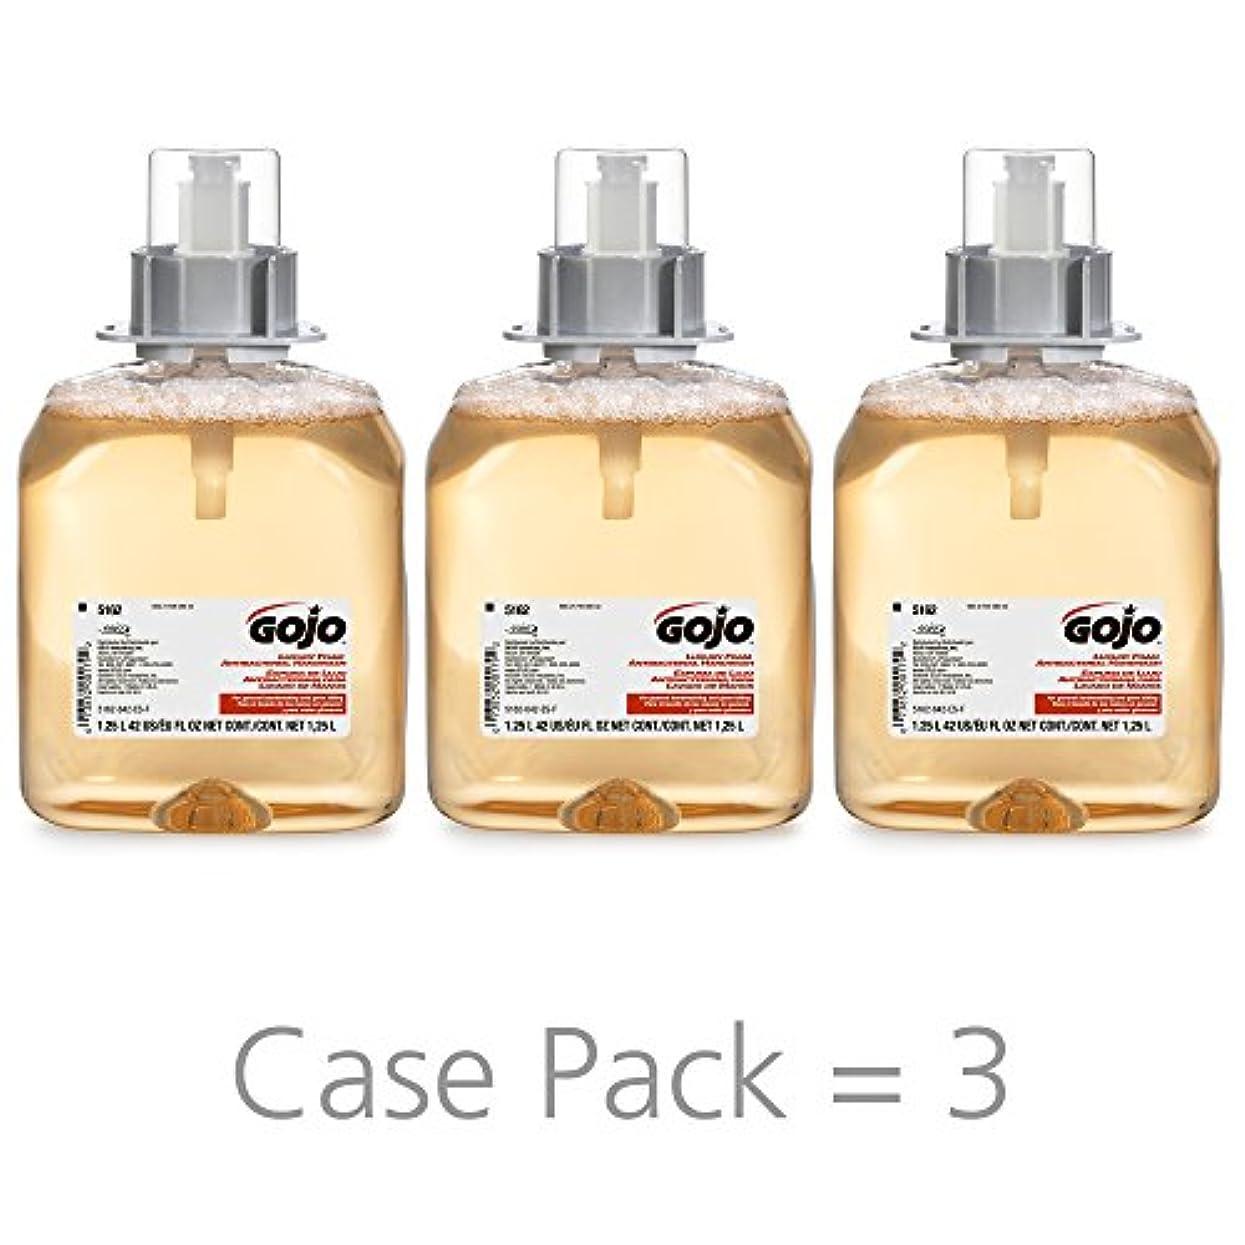 割り当てるたるみブースGOJO 516203CT FMX-12 Foam Hand Wash, Fresh Fruit, FMX-12 Dispenser, 1250mL Pump, 3/Carton by Gojo